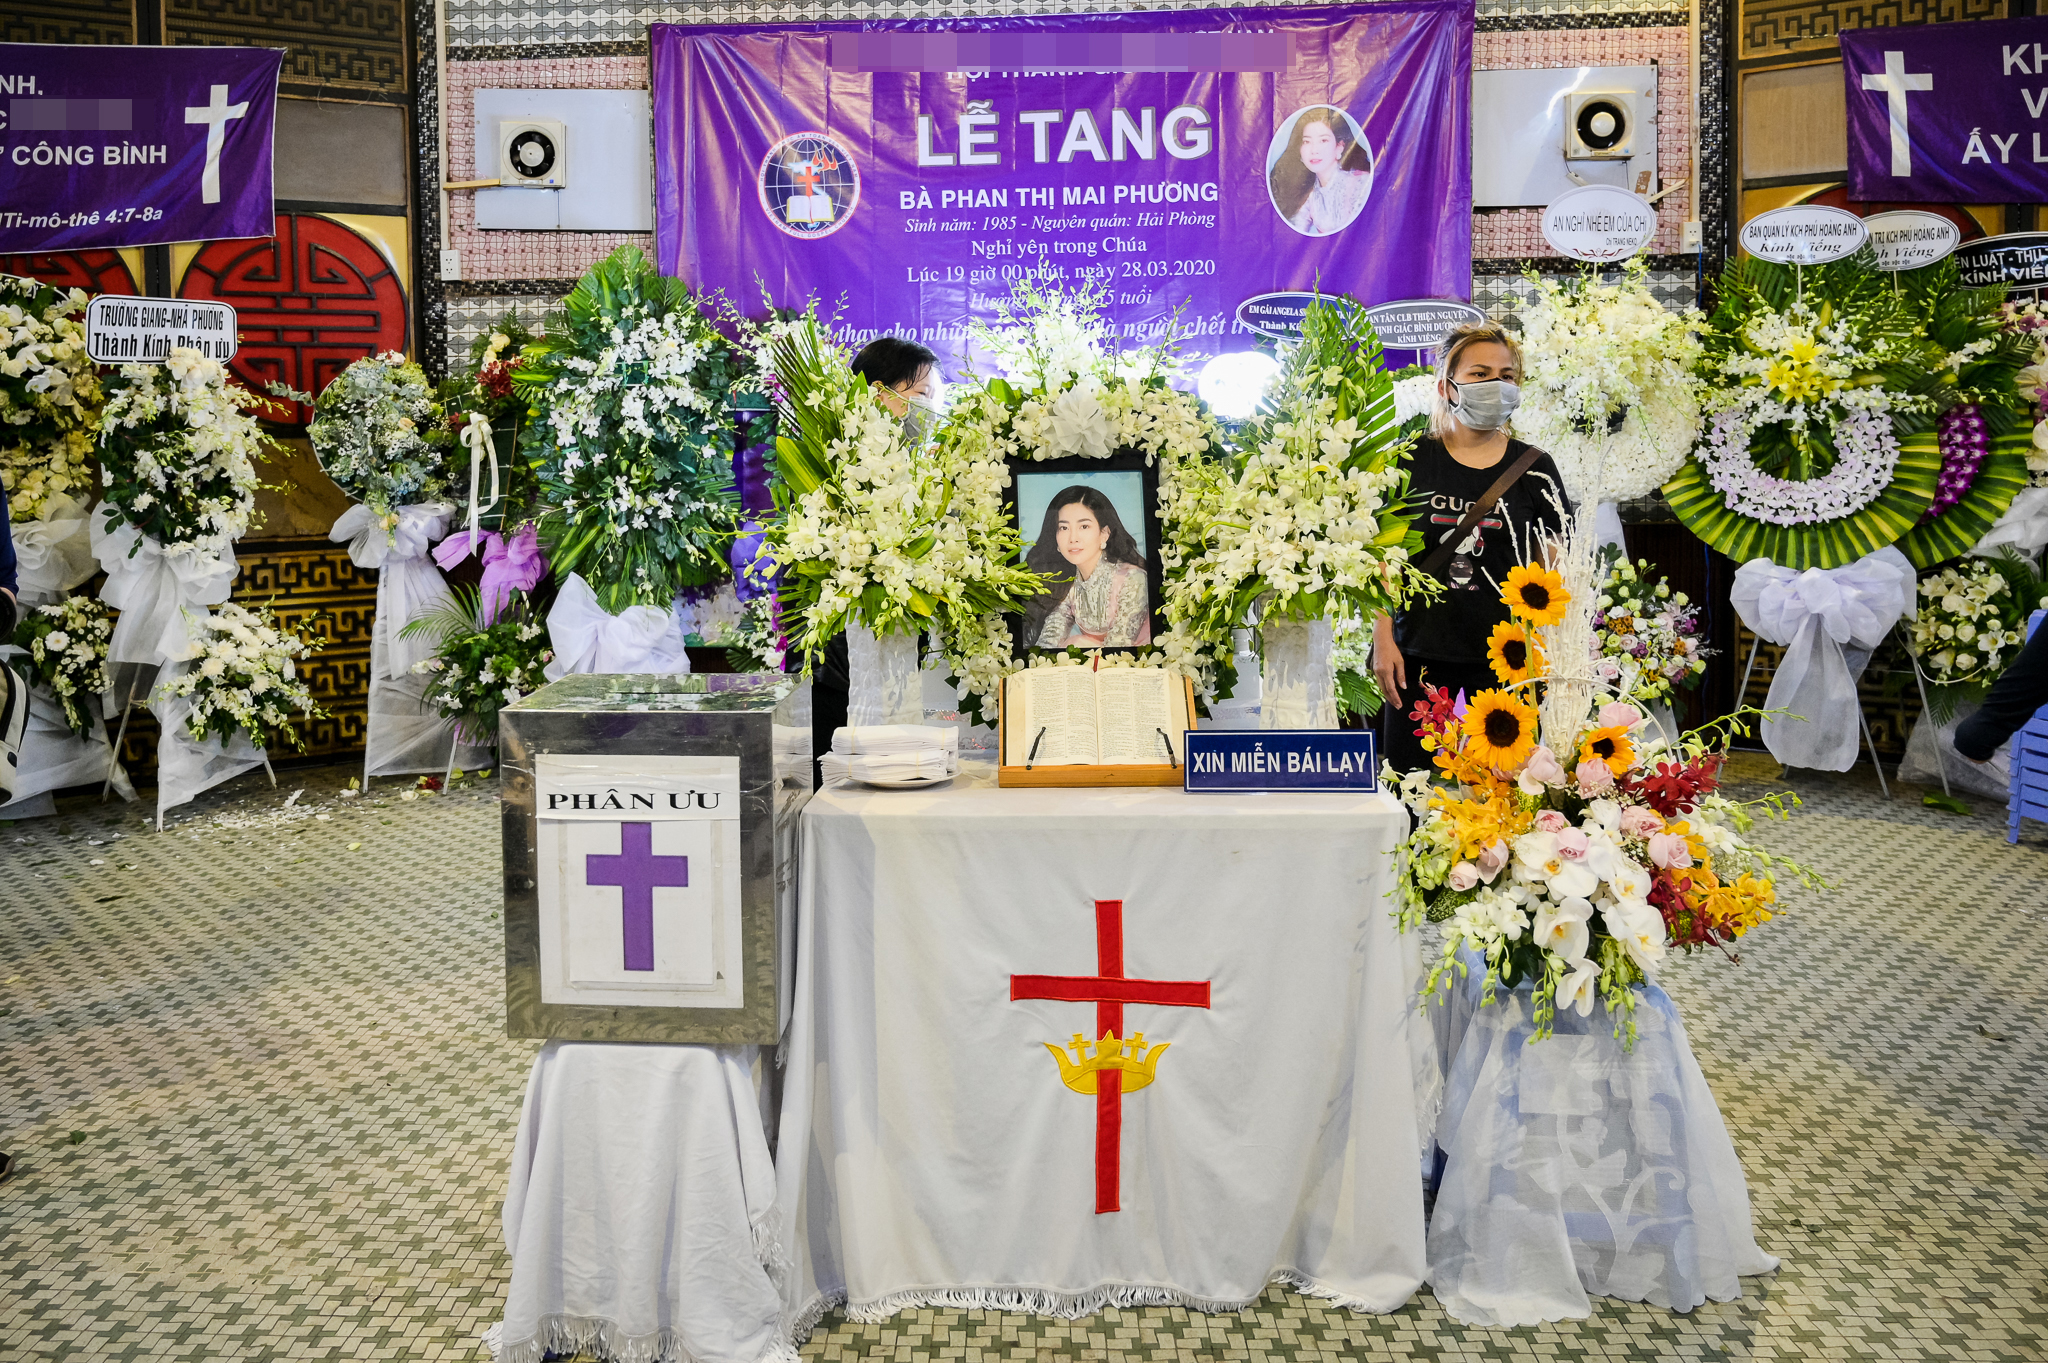 Gia đình, bạn bè đồng nghiệp không kìm được nước mắt trong ngày đưa tiễn Mai Phương về nơi an nghỉ cuối cùng - Ảnh 2.